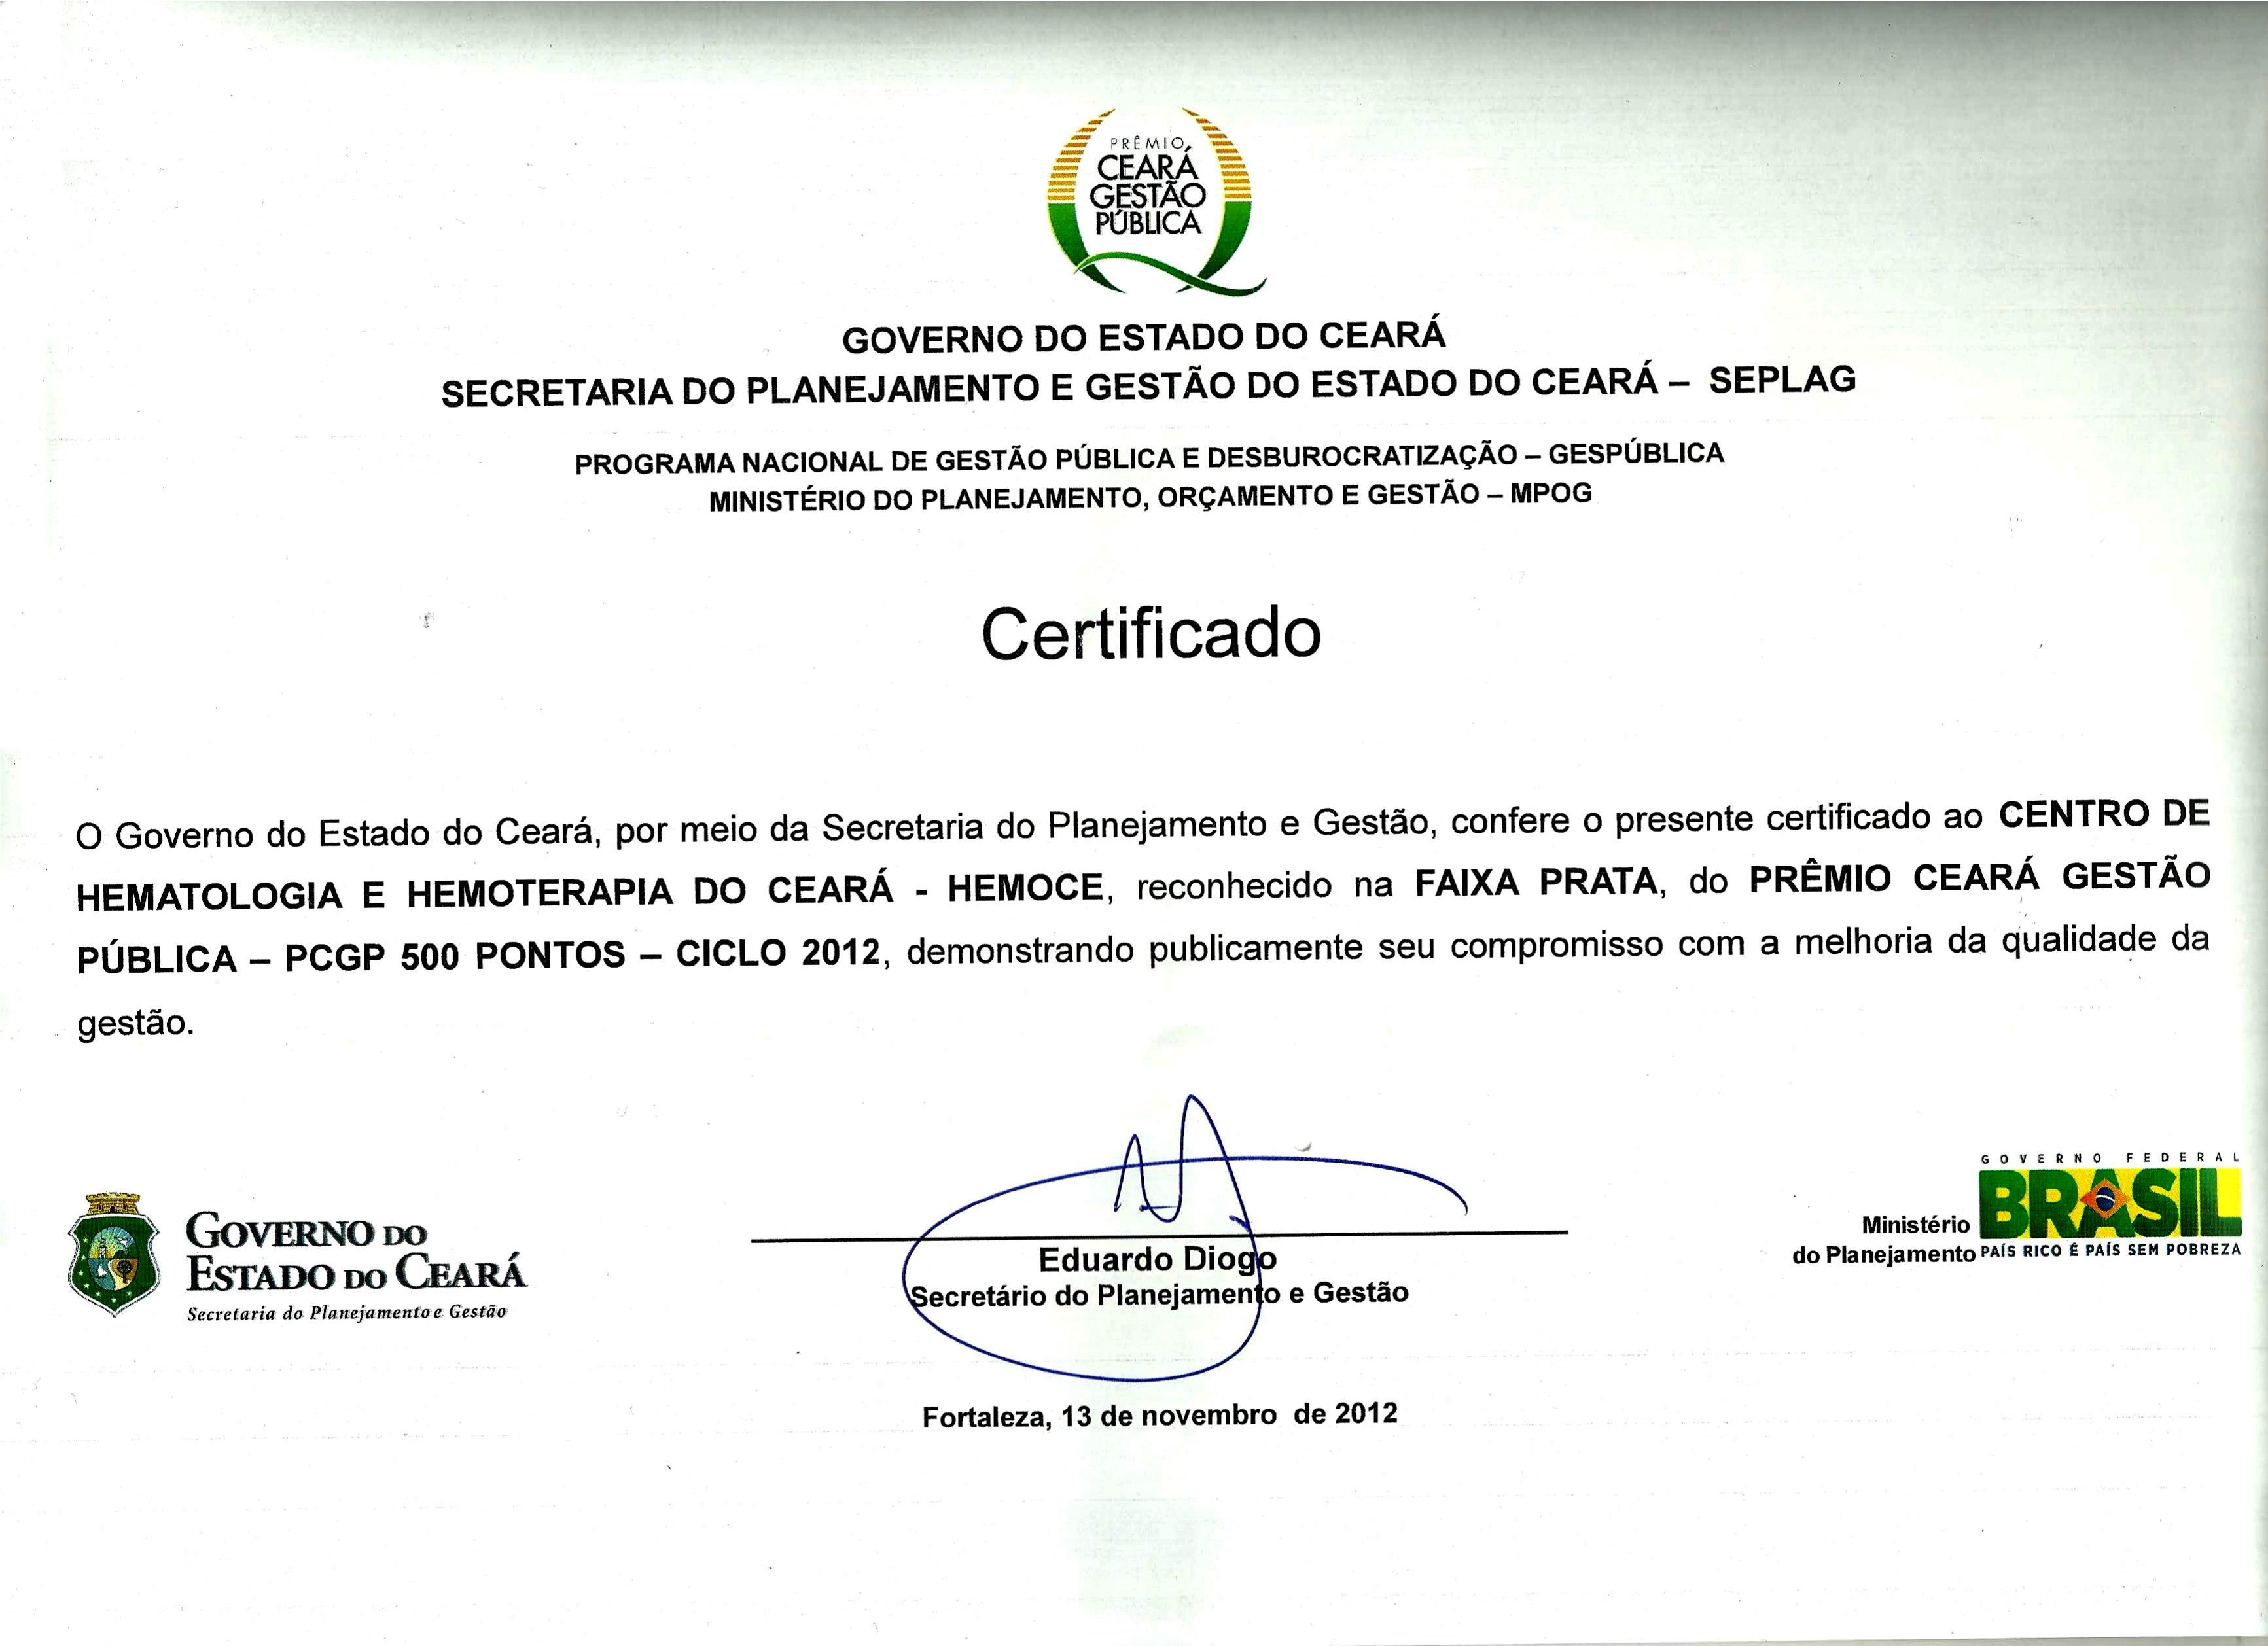 certificado gespblica prata 2012